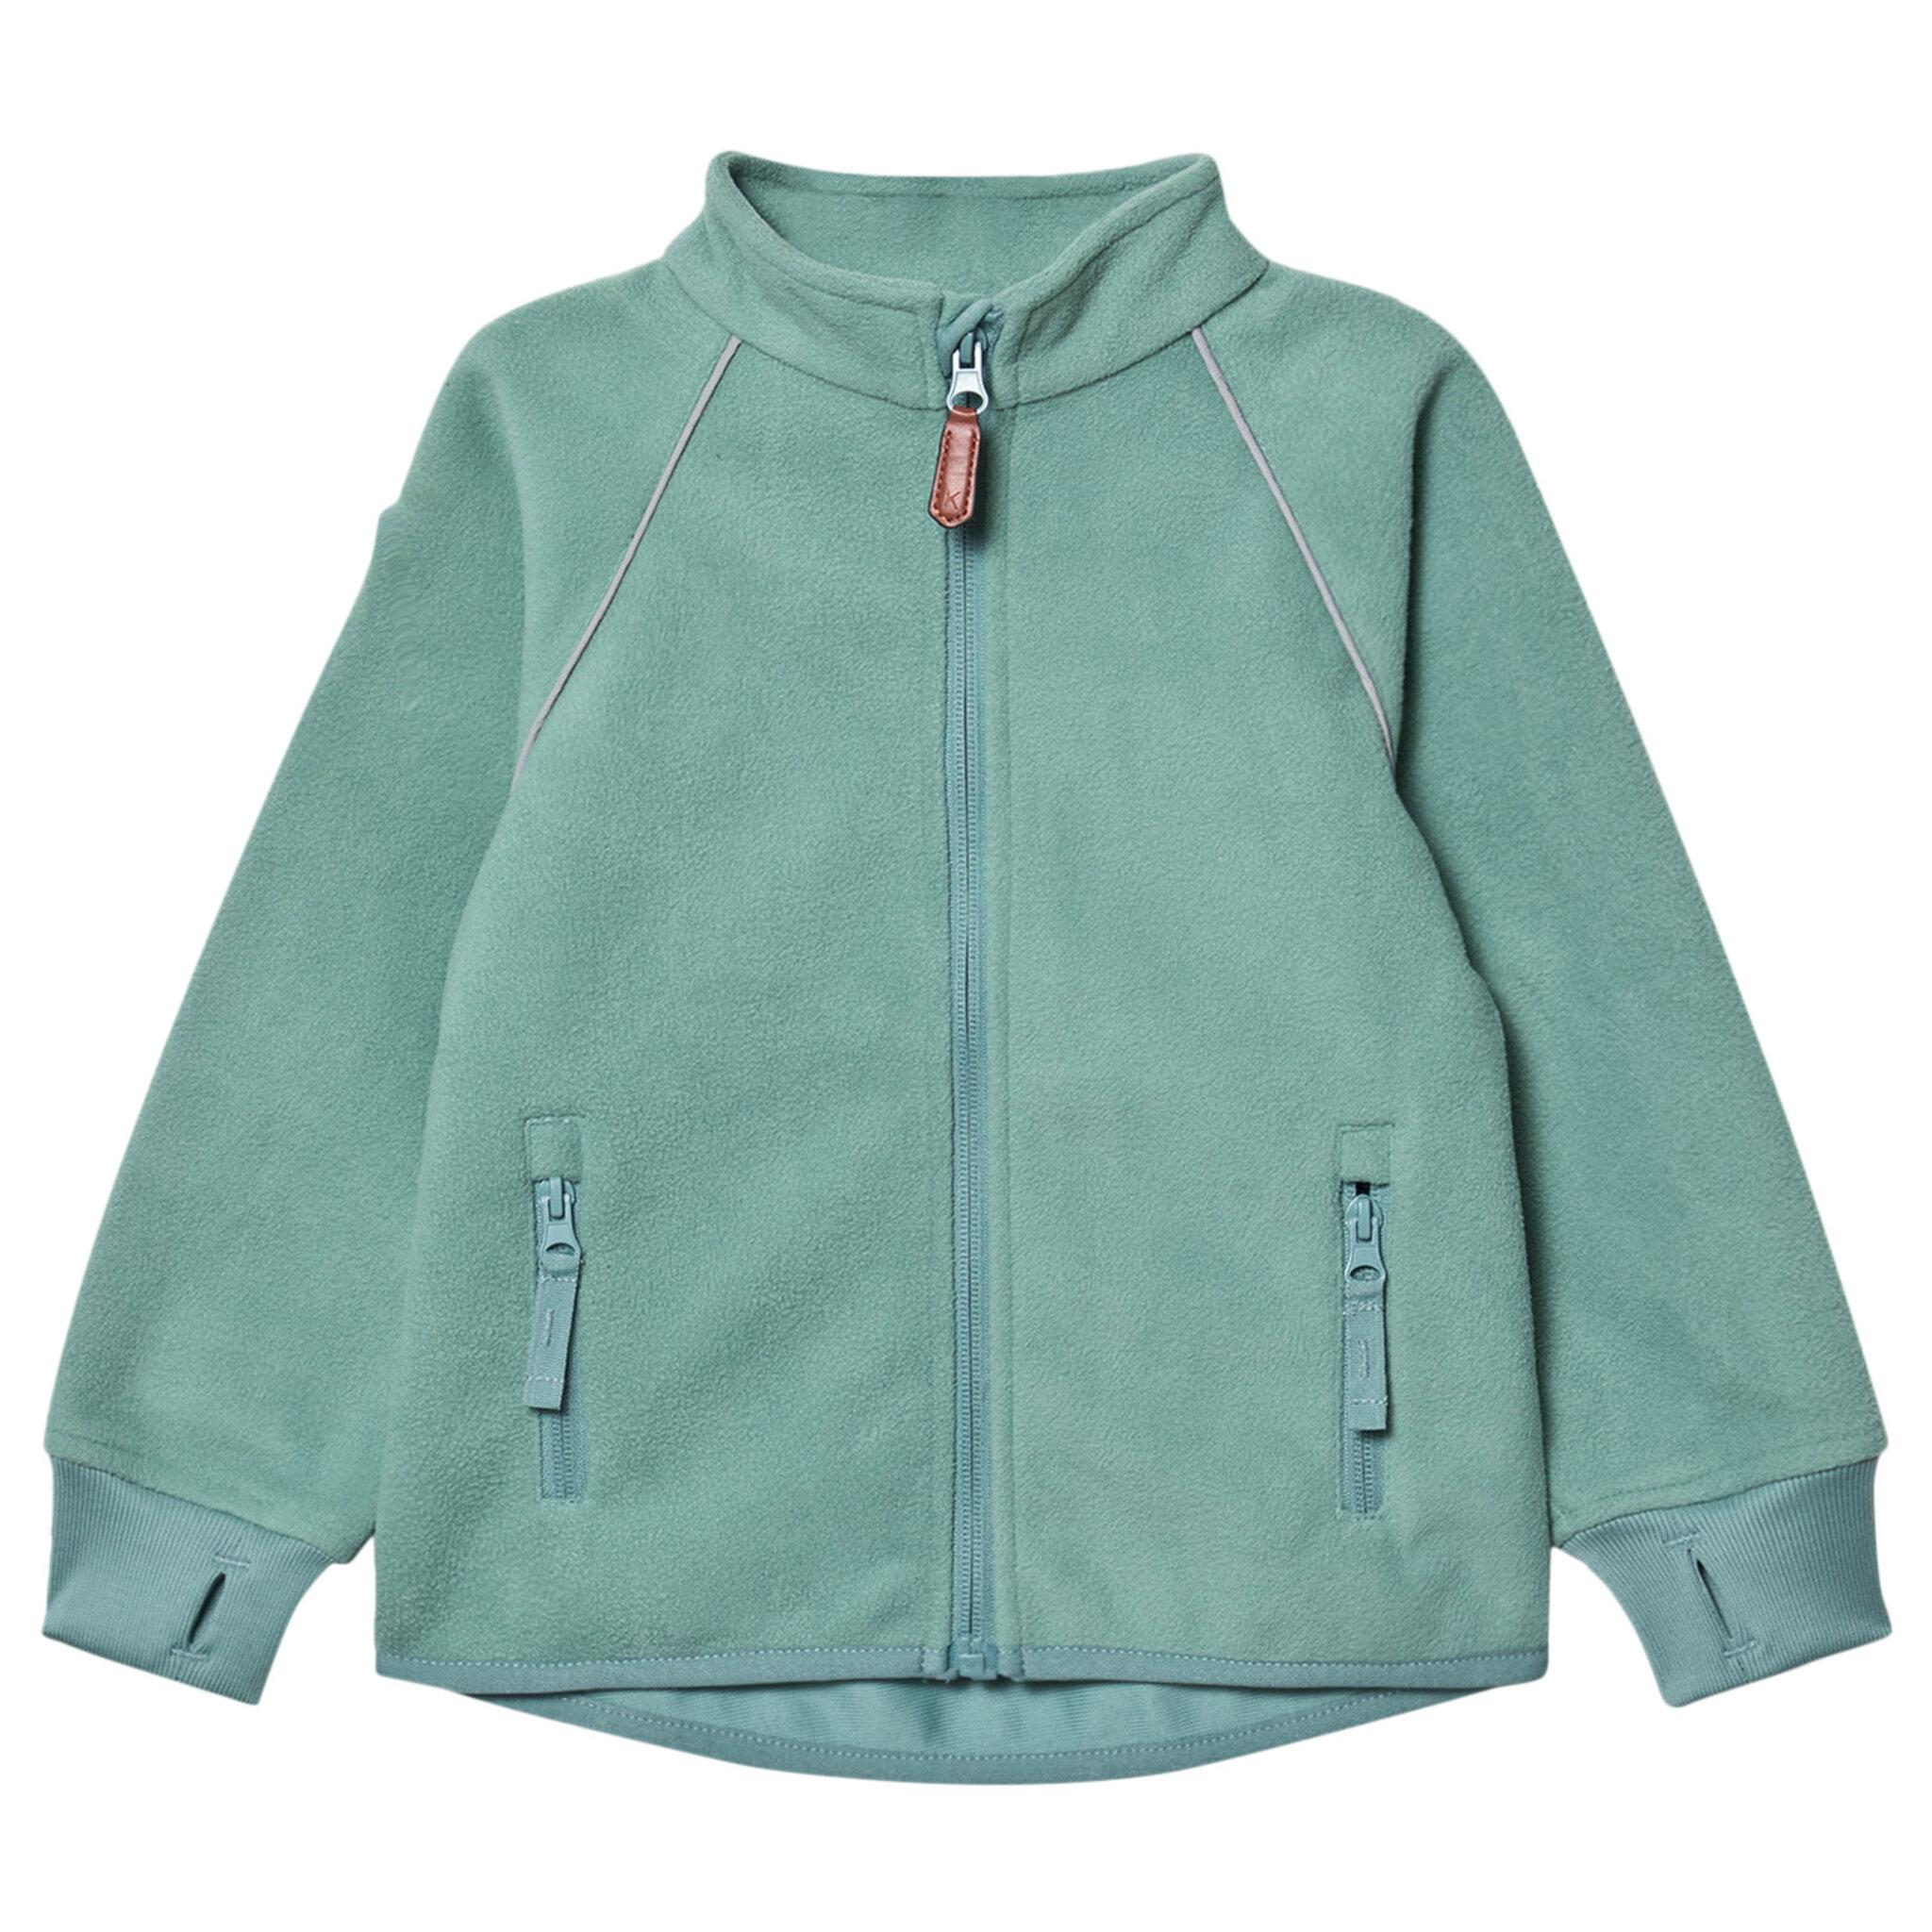 Livingo Recycled Wind Fleece Jacket